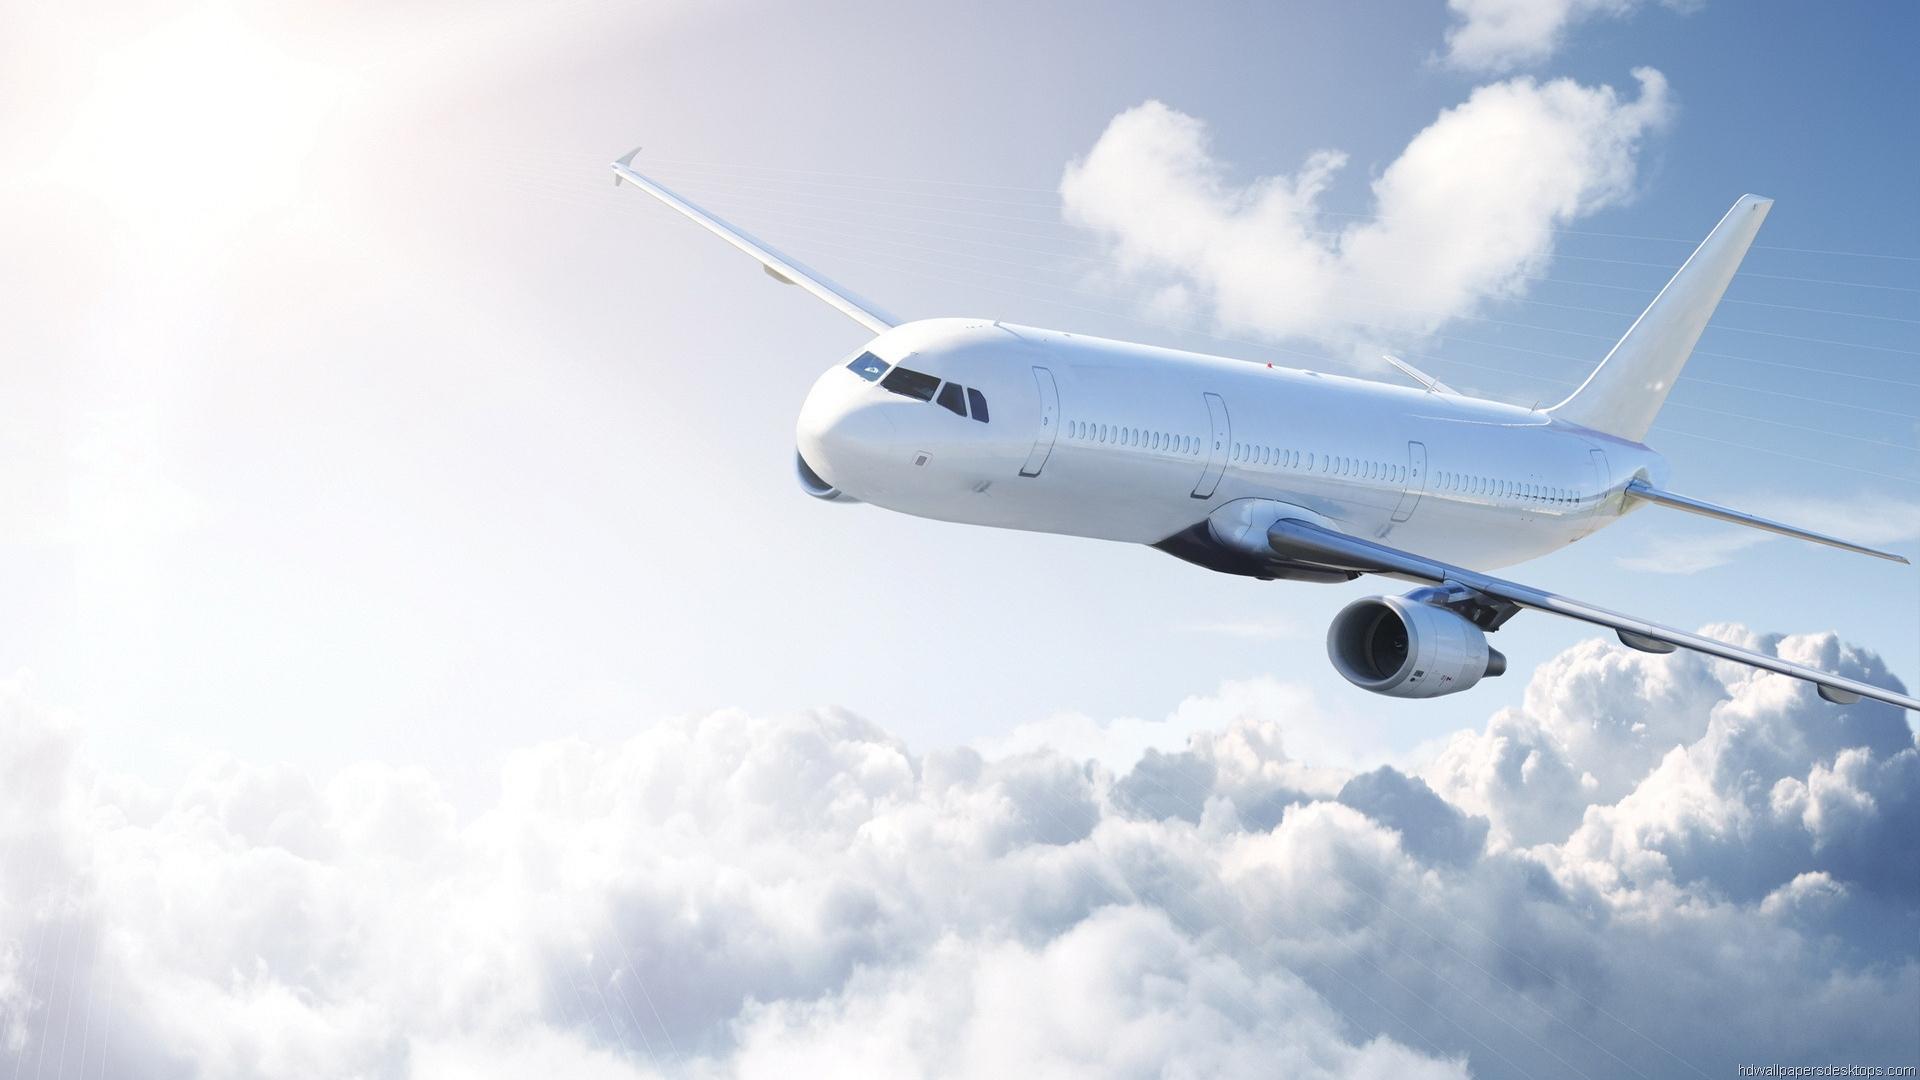 Aviation Wallpaper HD - WallpaperSafari